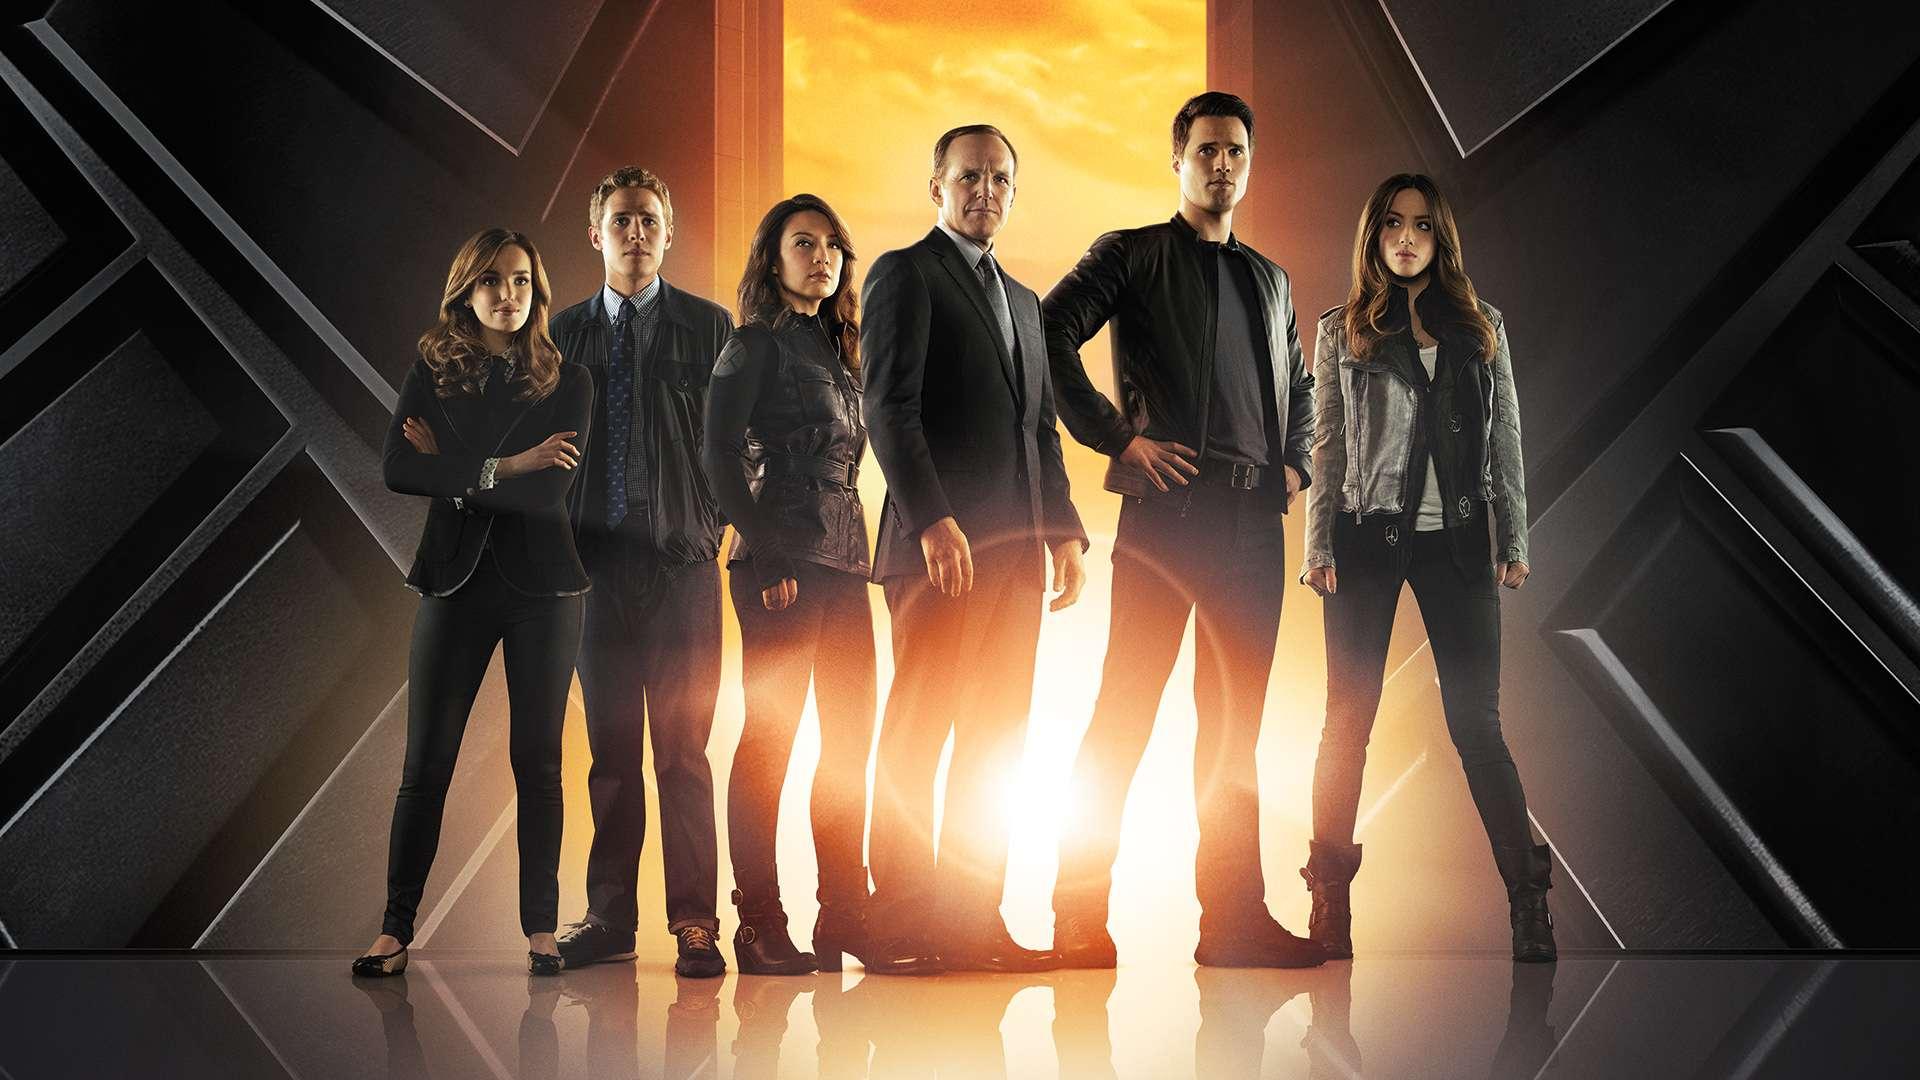 Agents of SHIELD - Il miglioramento dopo il distacco dal MCU + cast agents of shield